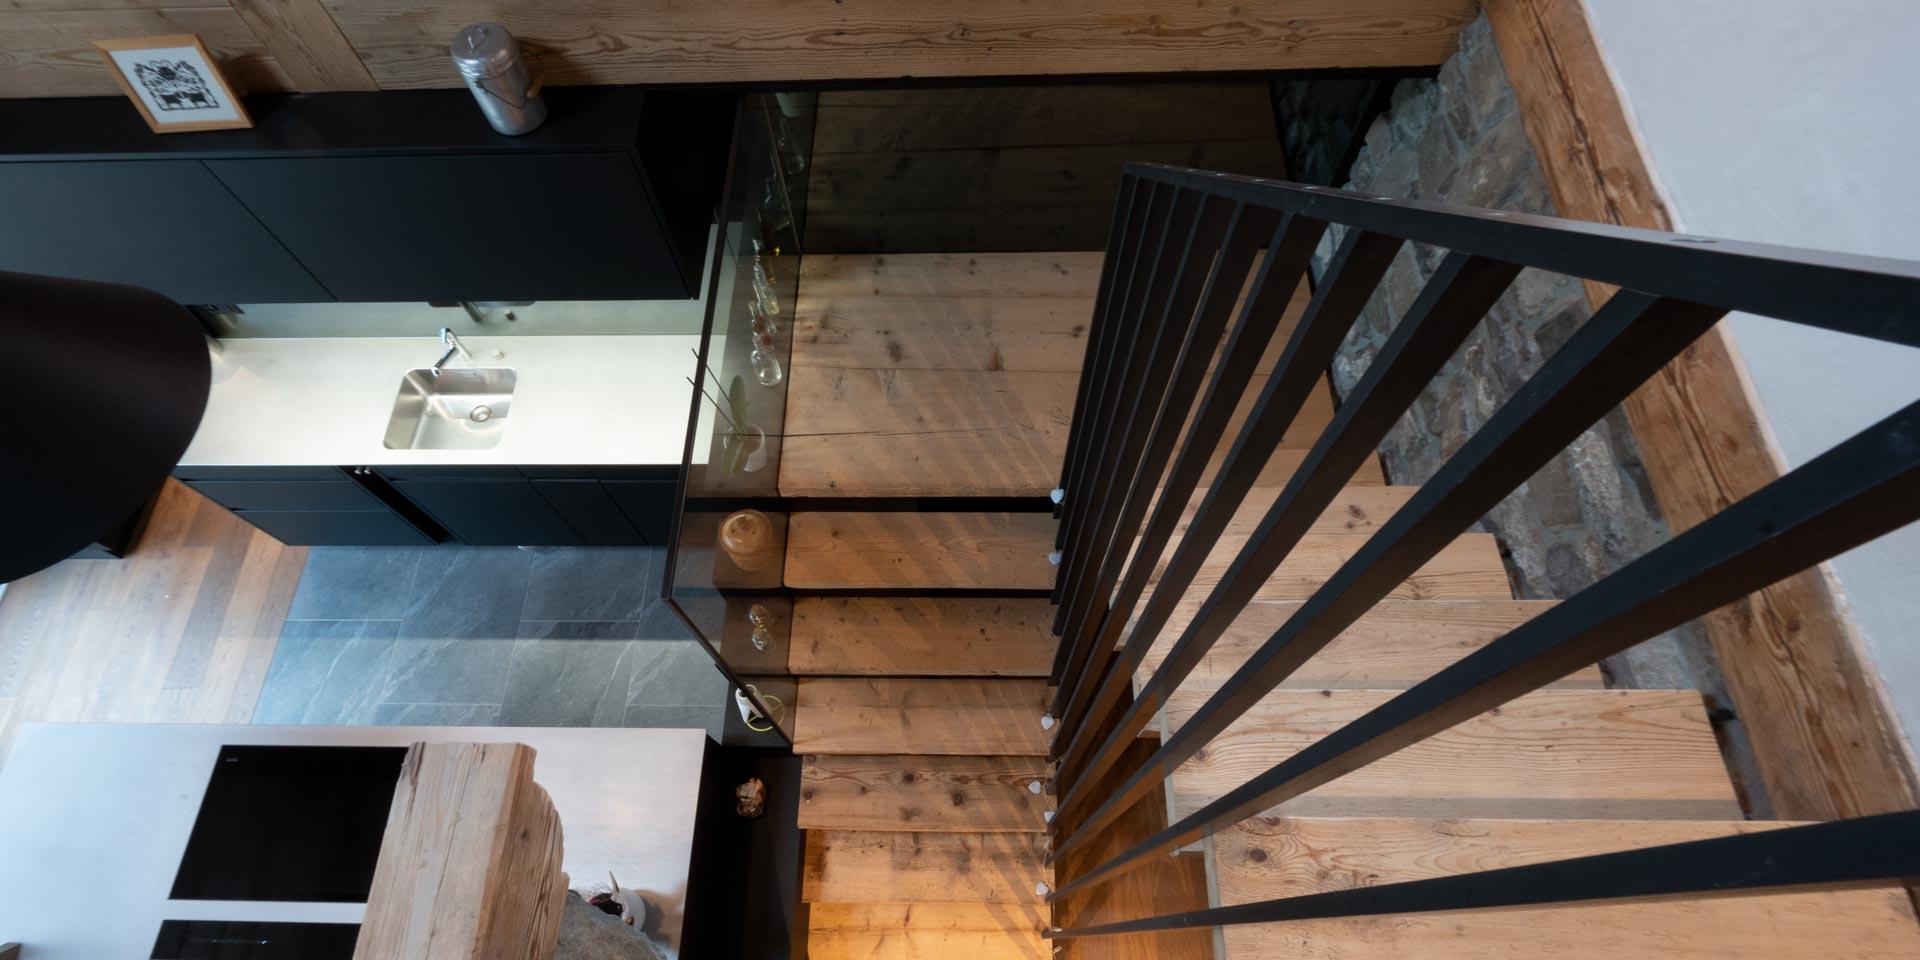 ES-For-8389-cuisine-escalier-mea-21_02-0014